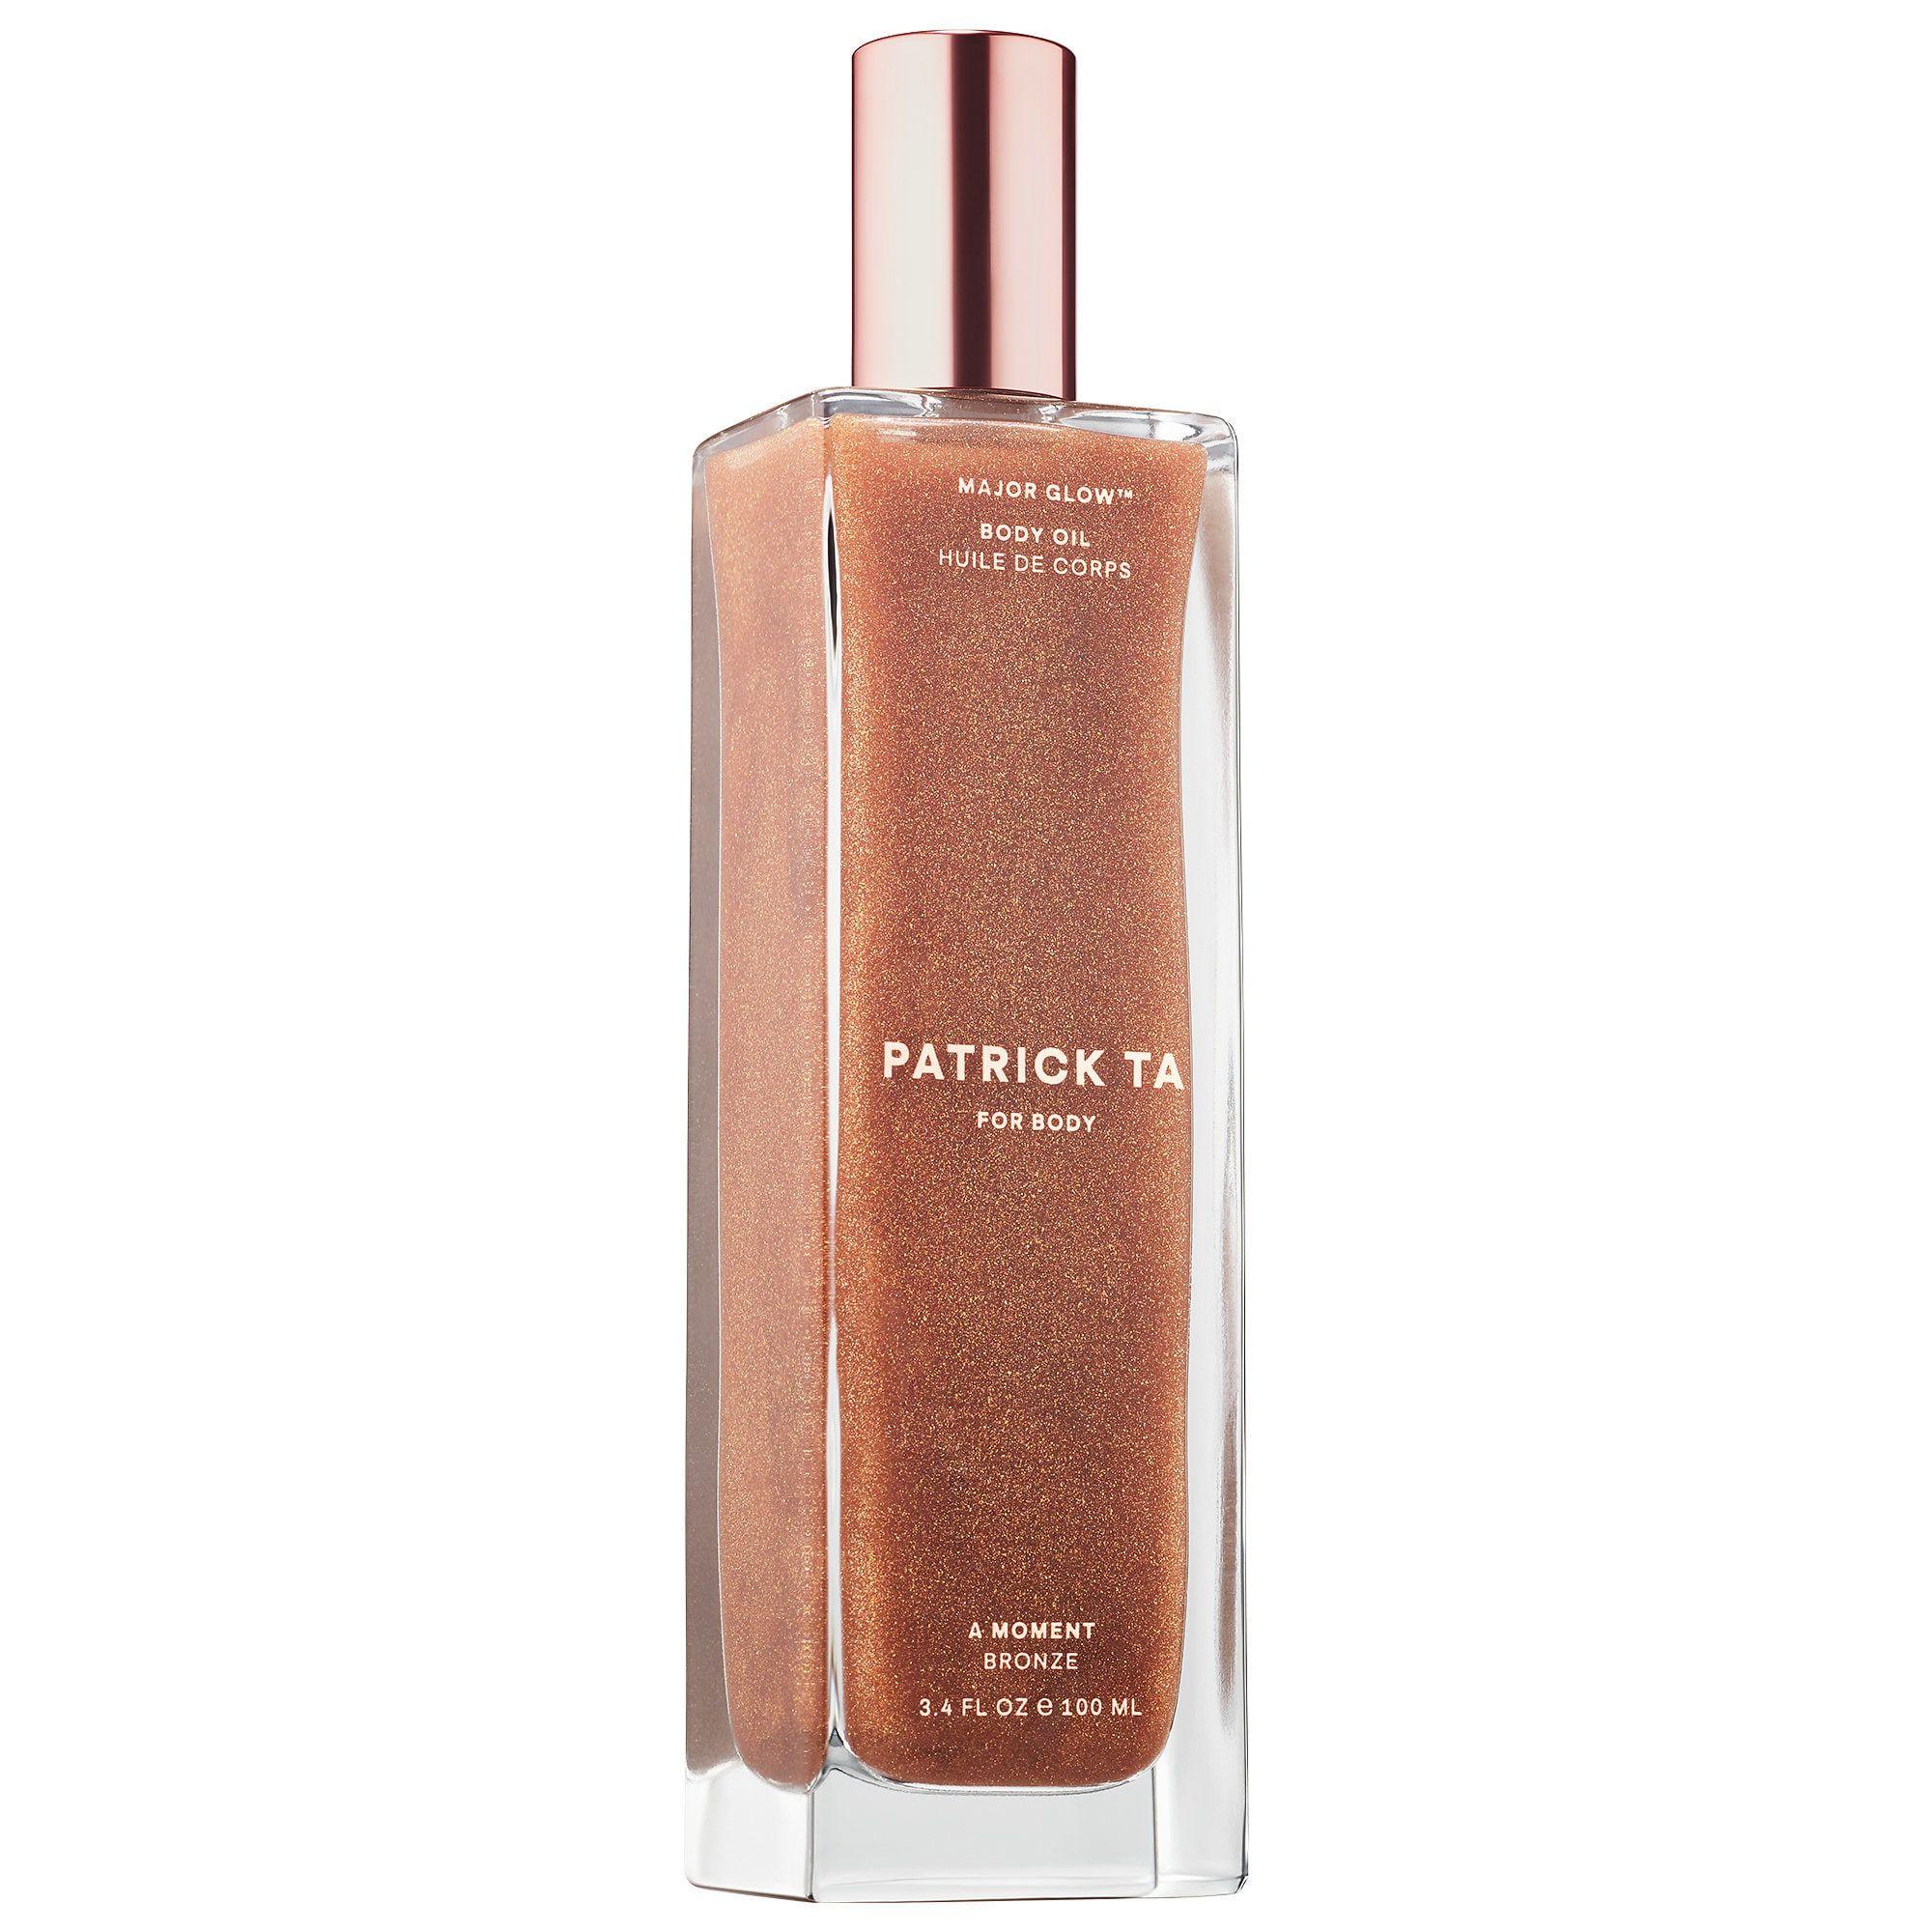 Patrick Ta Body Oil